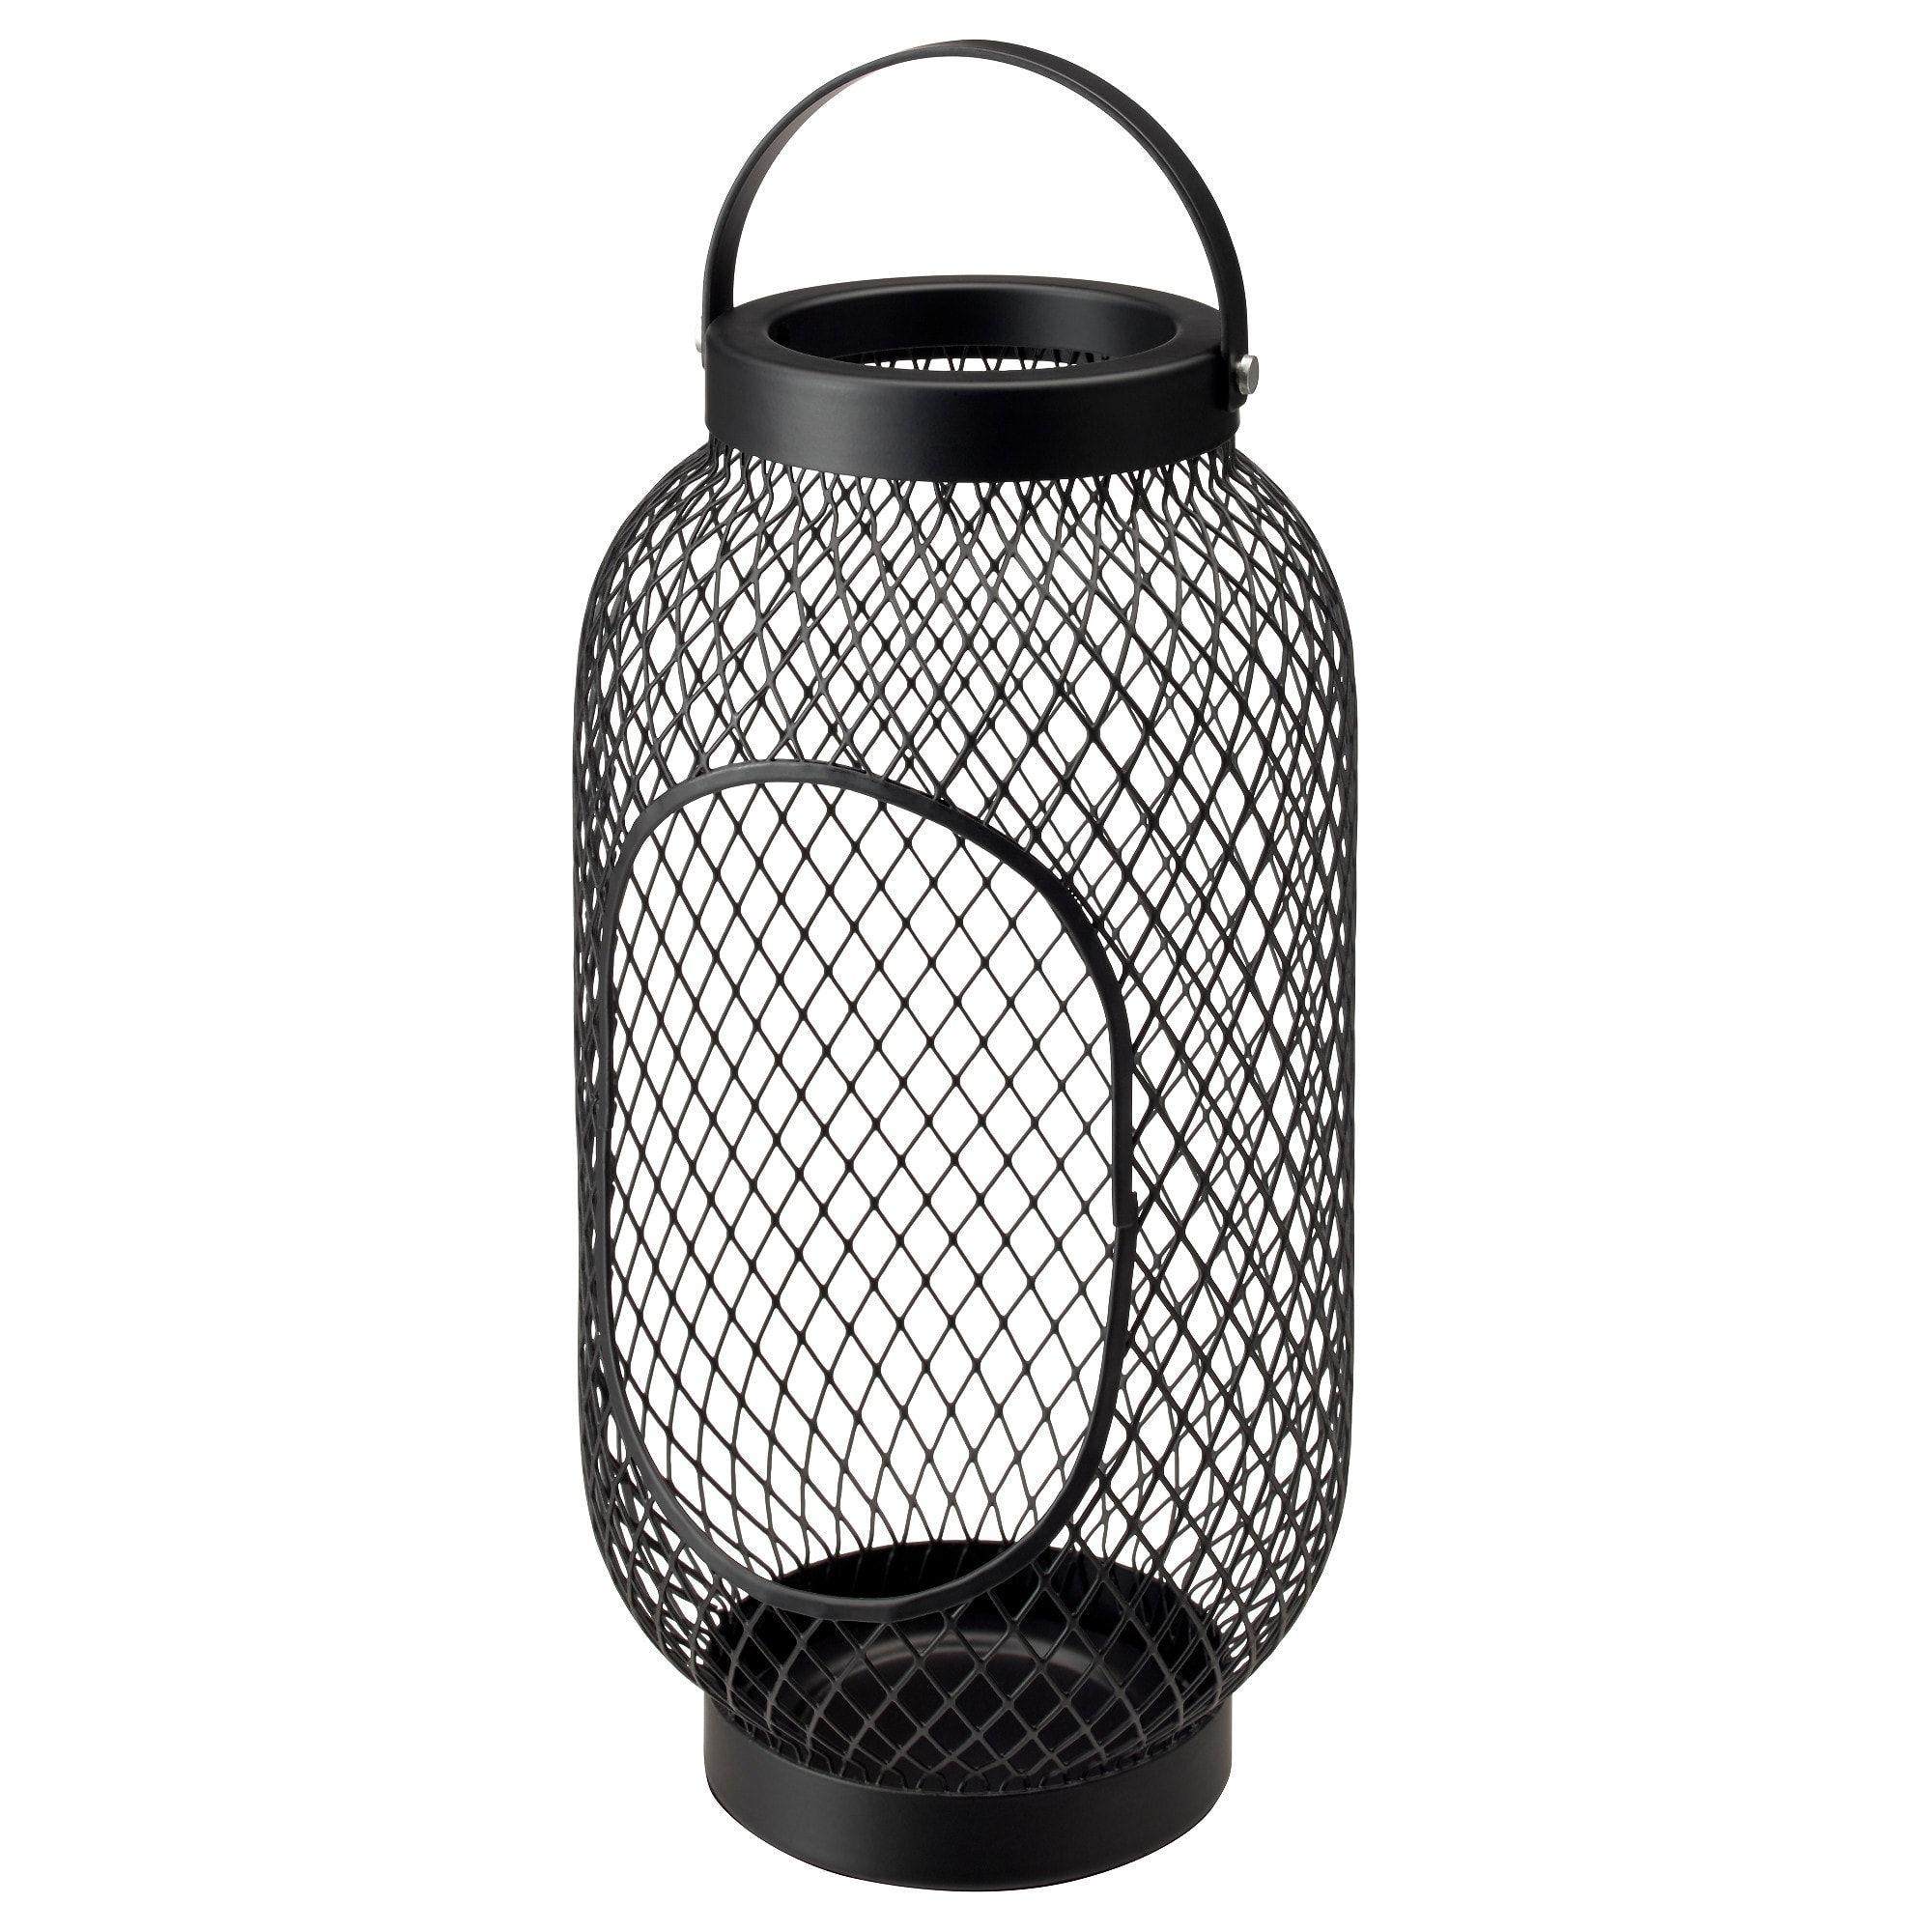 toppig lanterne pour bougie bloc ikea bathroom remodel. Black Bedroom Furniture Sets. Home Design Ideas